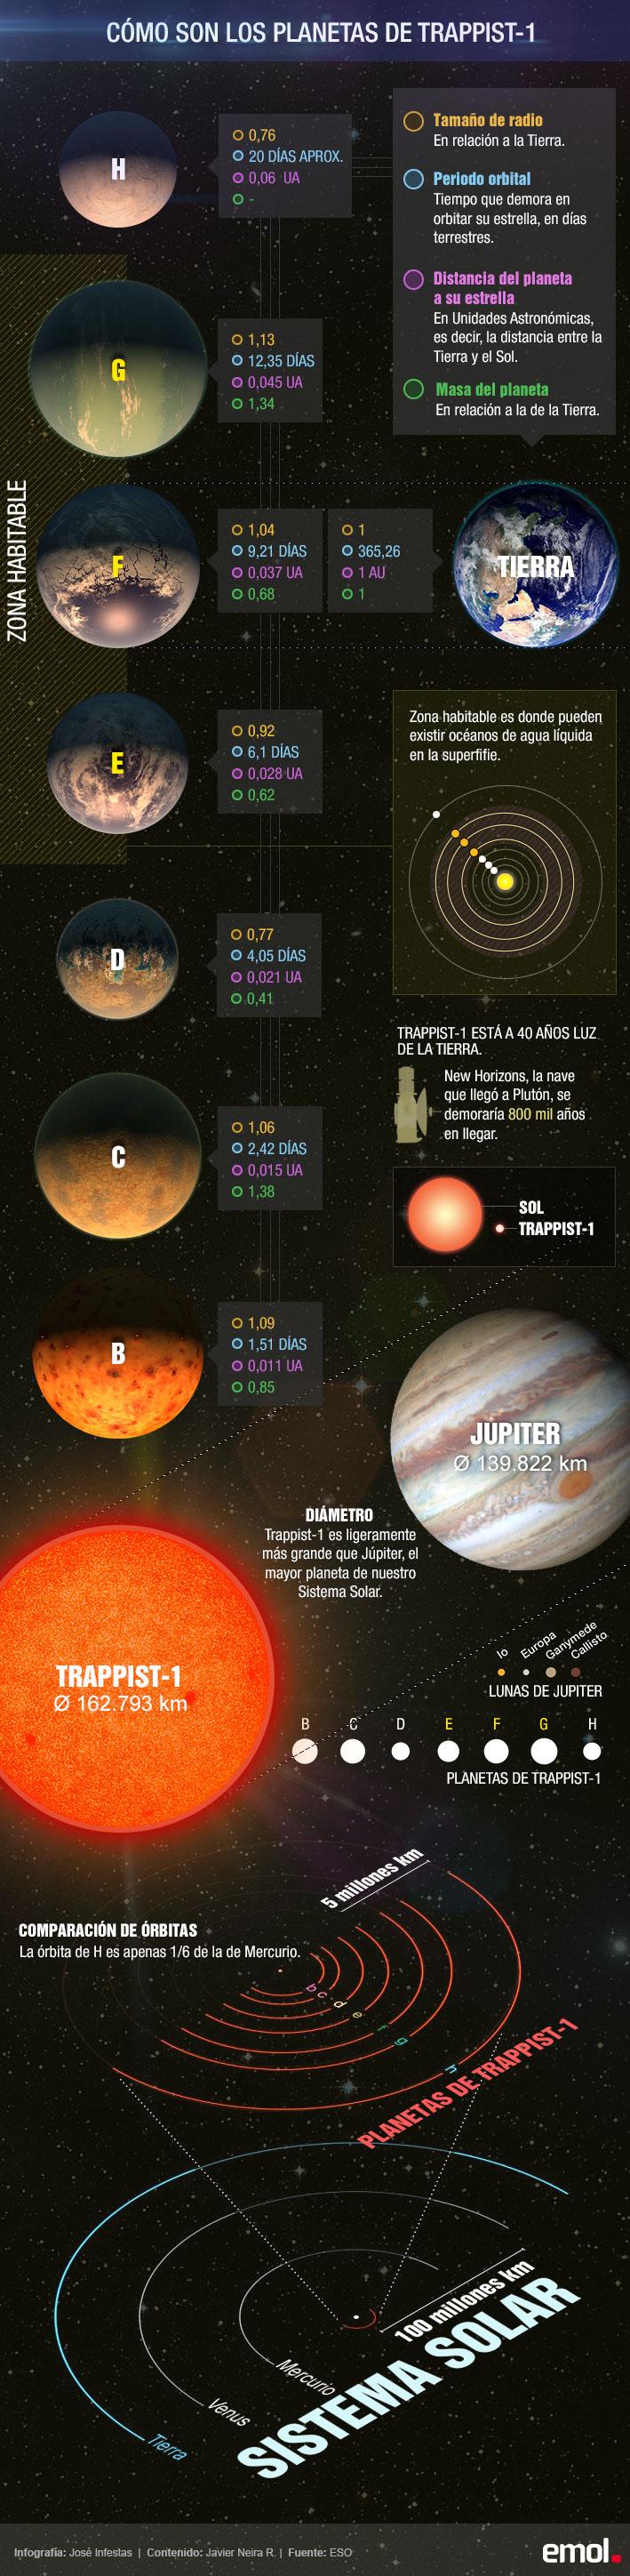 Cuál es el planeta más habitable después de la Tierra (Infografía)